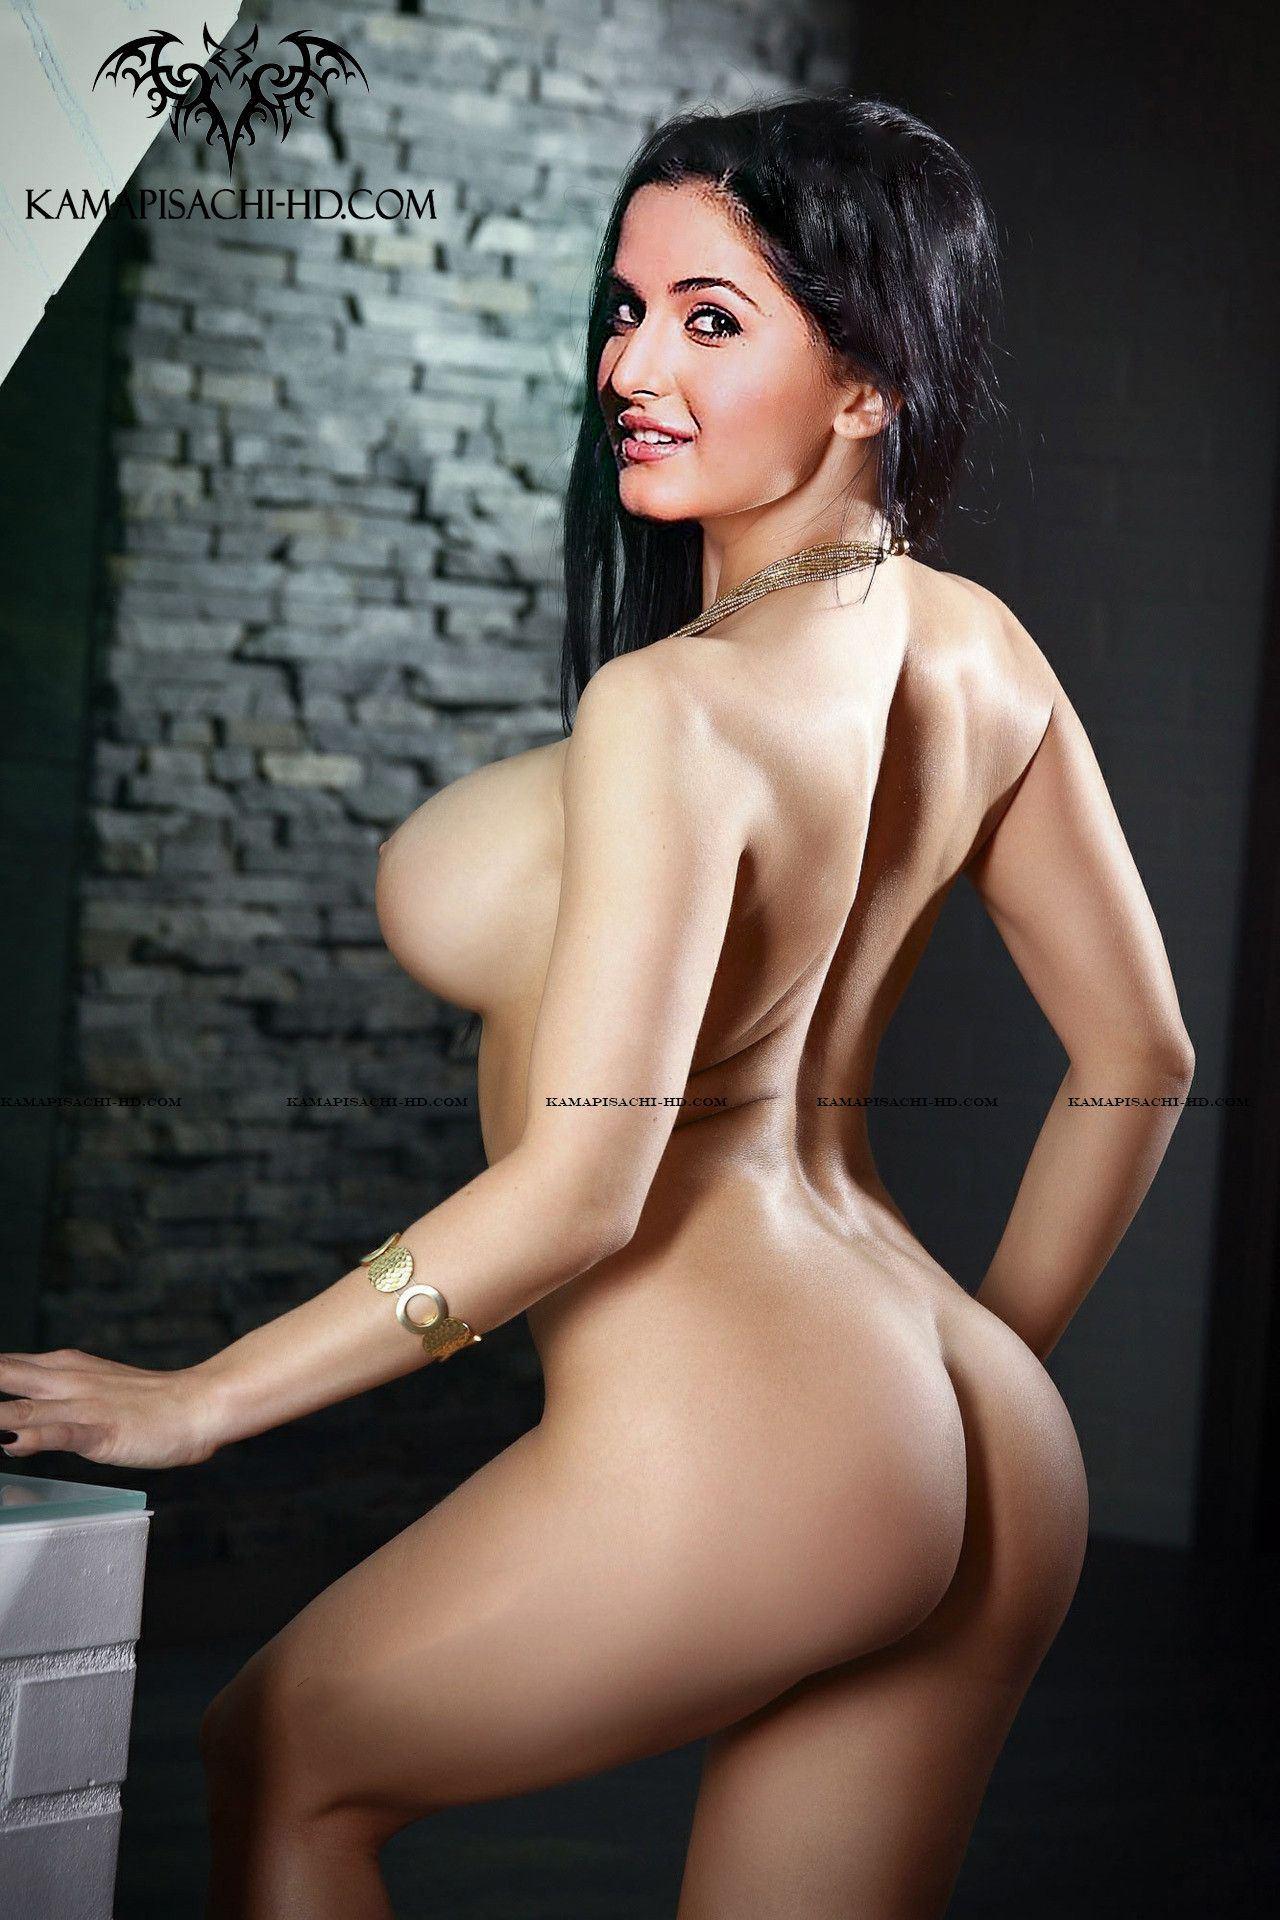 Ana Barbara Nude katrina kaif javla . nude photos.